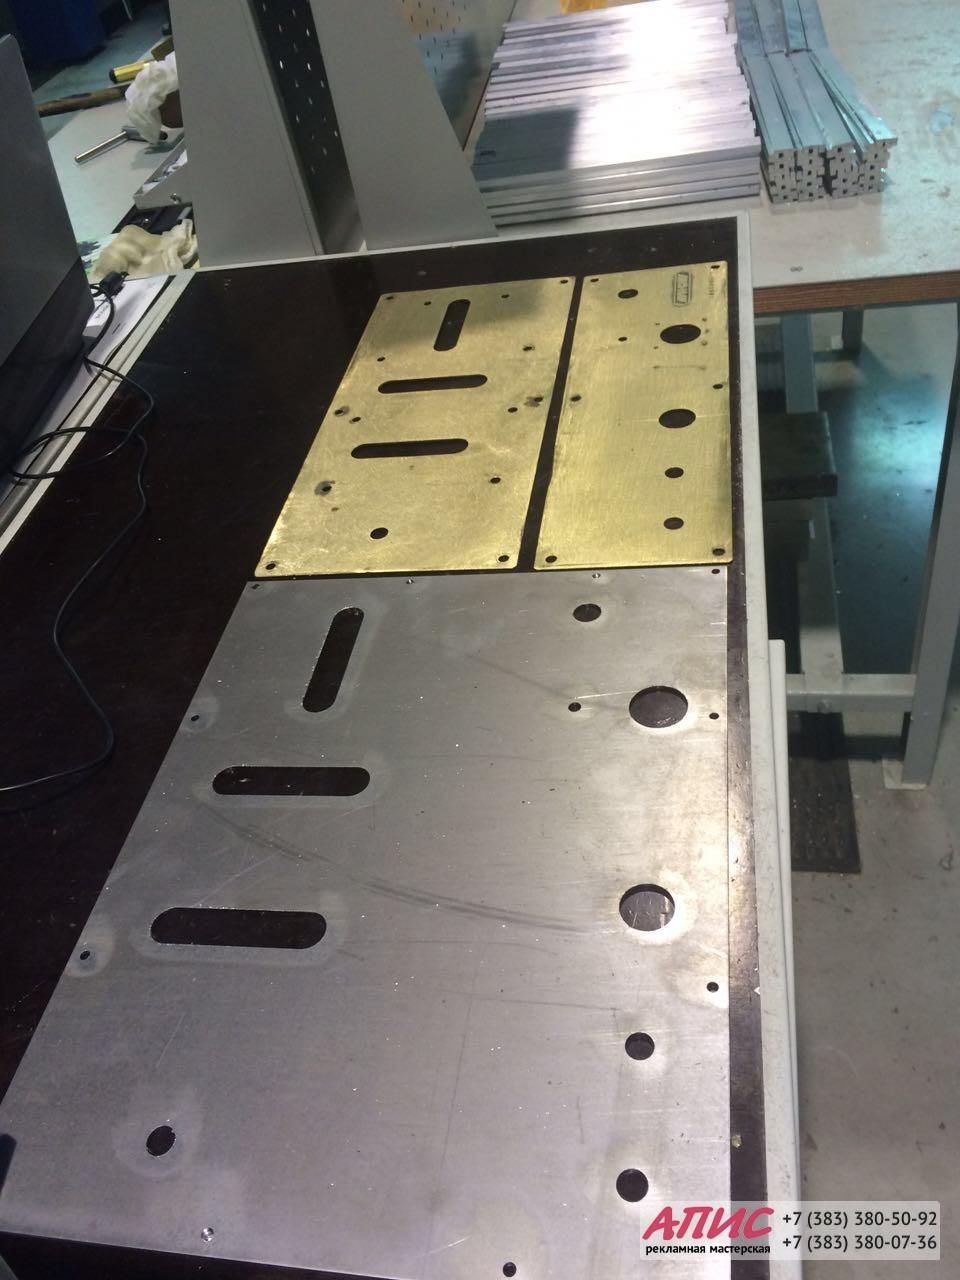 изготовление панели для верхнего пульта управления вышки